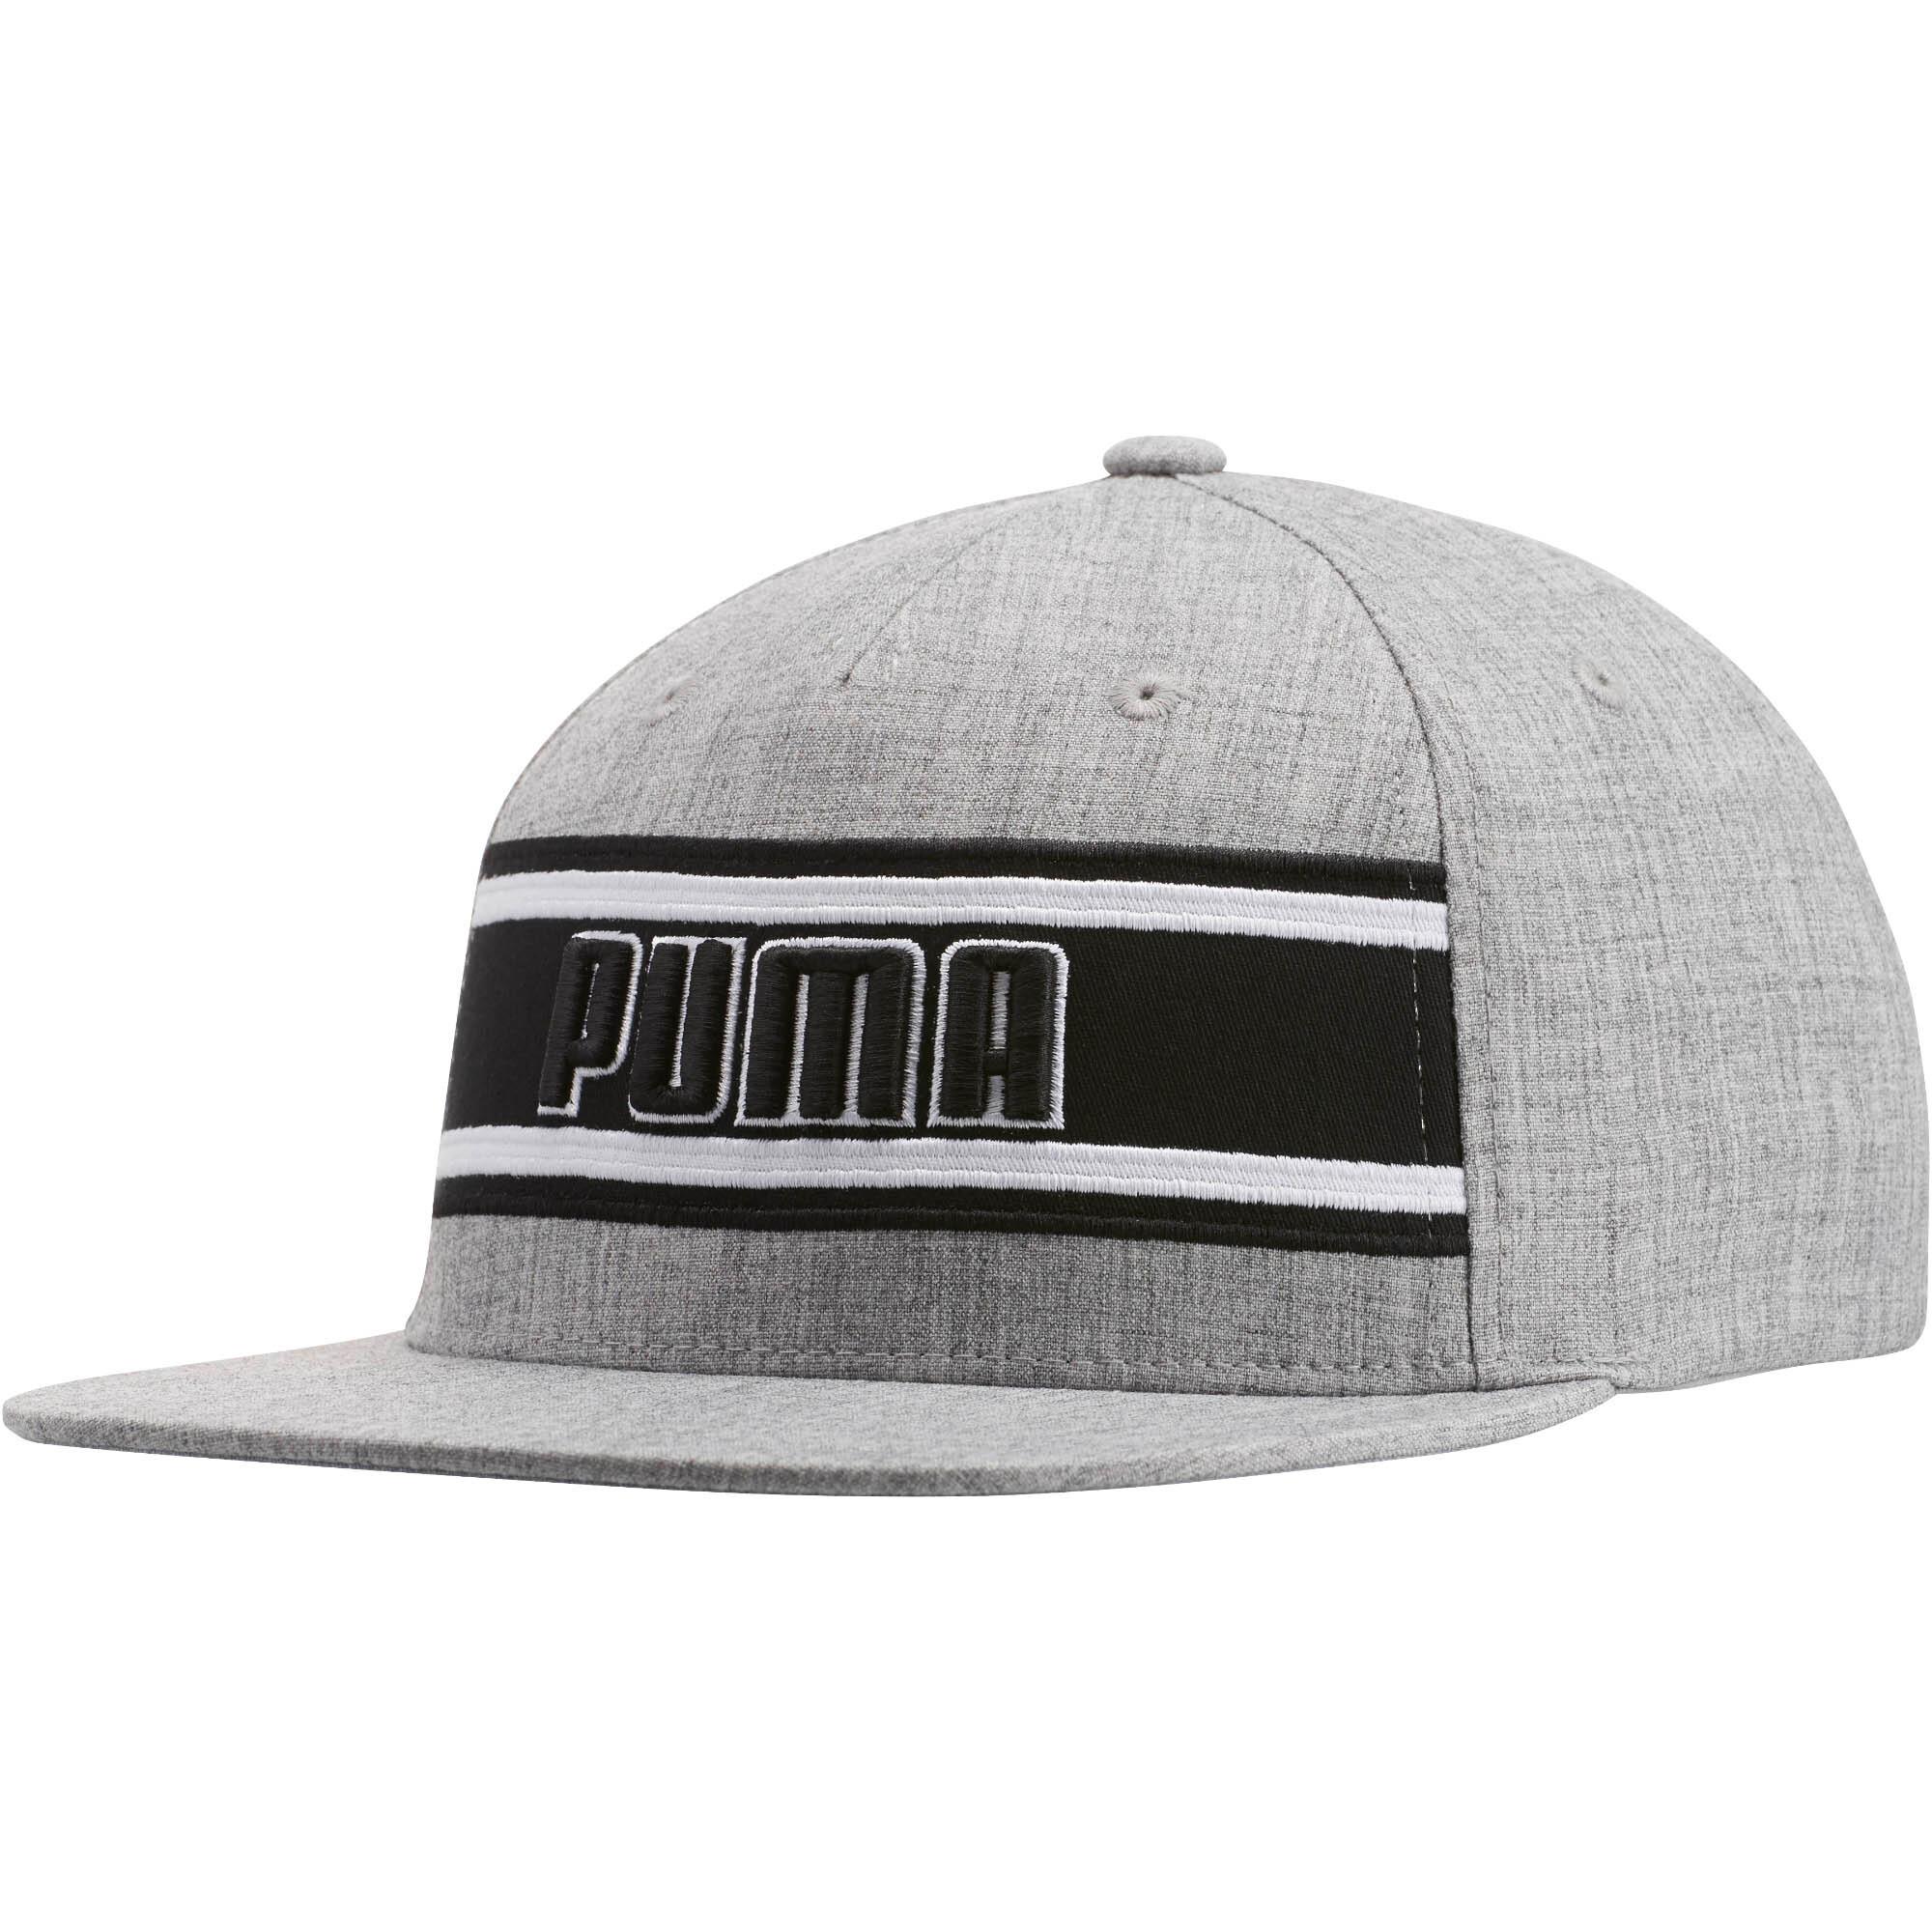 037f3e5d Details about PUMA STAGE DIVE FLATBILL FLEXFIT Hat Men Cap